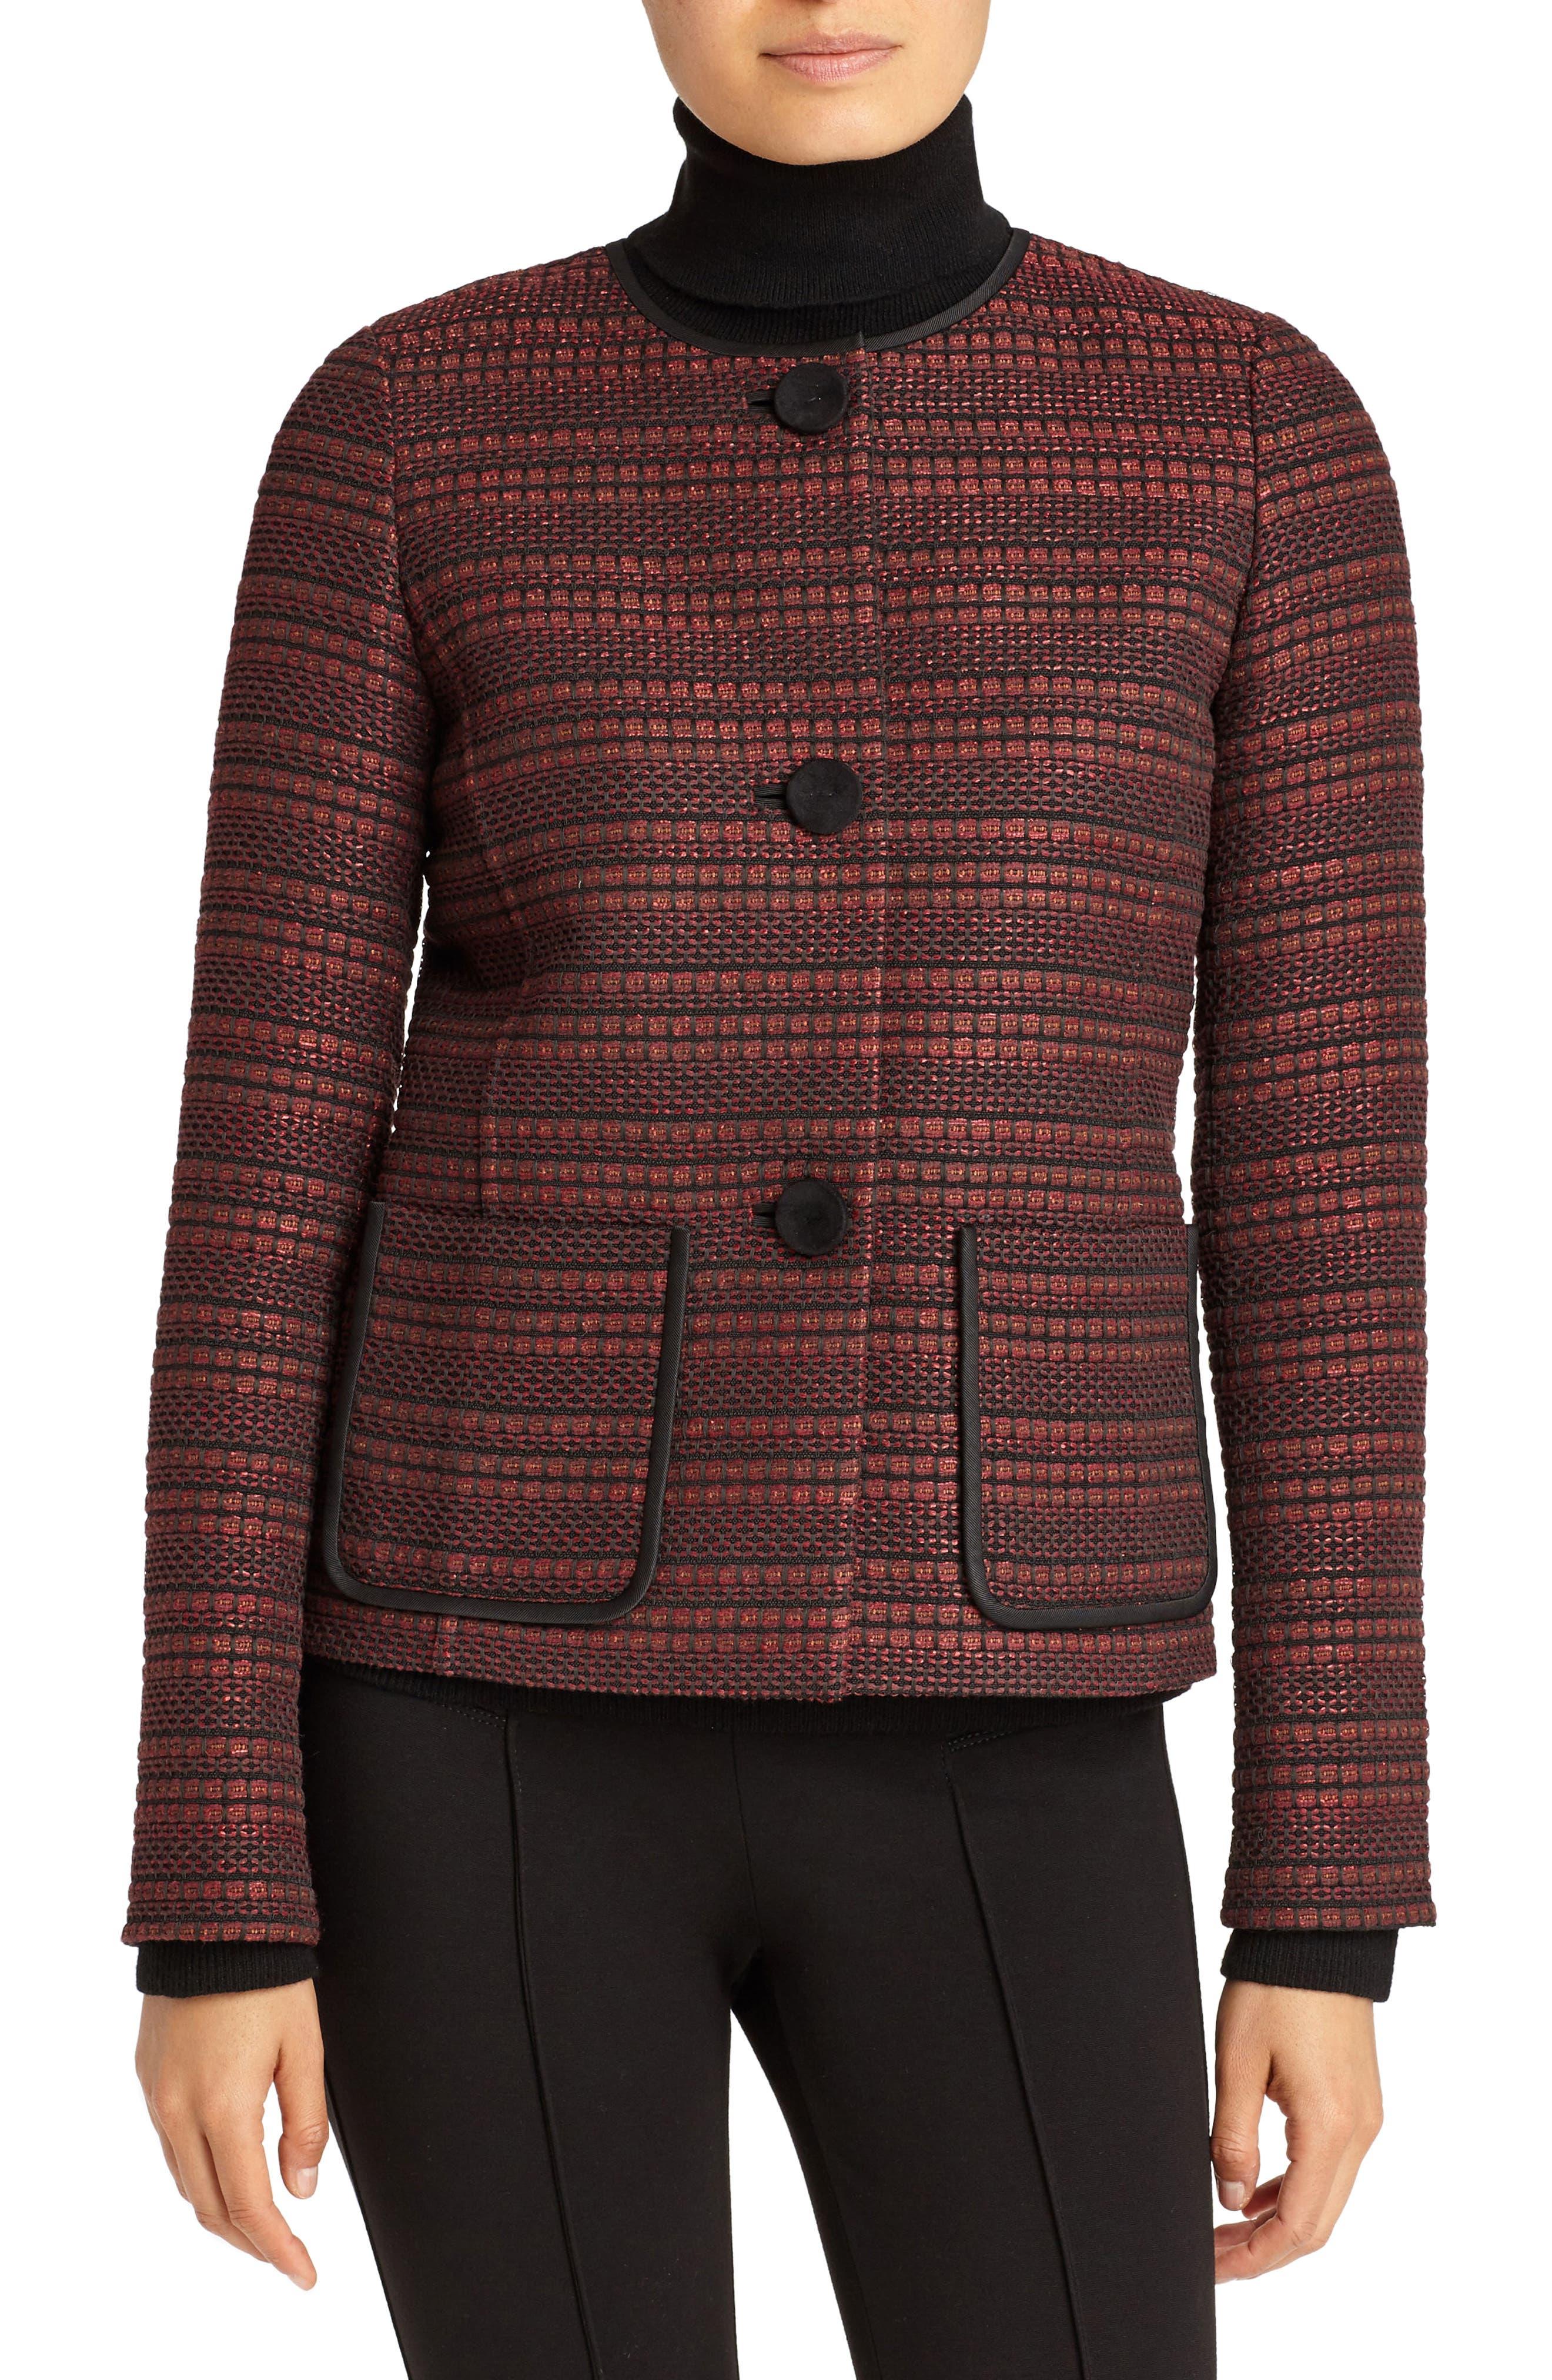 Main Image - Lafayette 148 New York Laurence Venetian Tweed Jacket